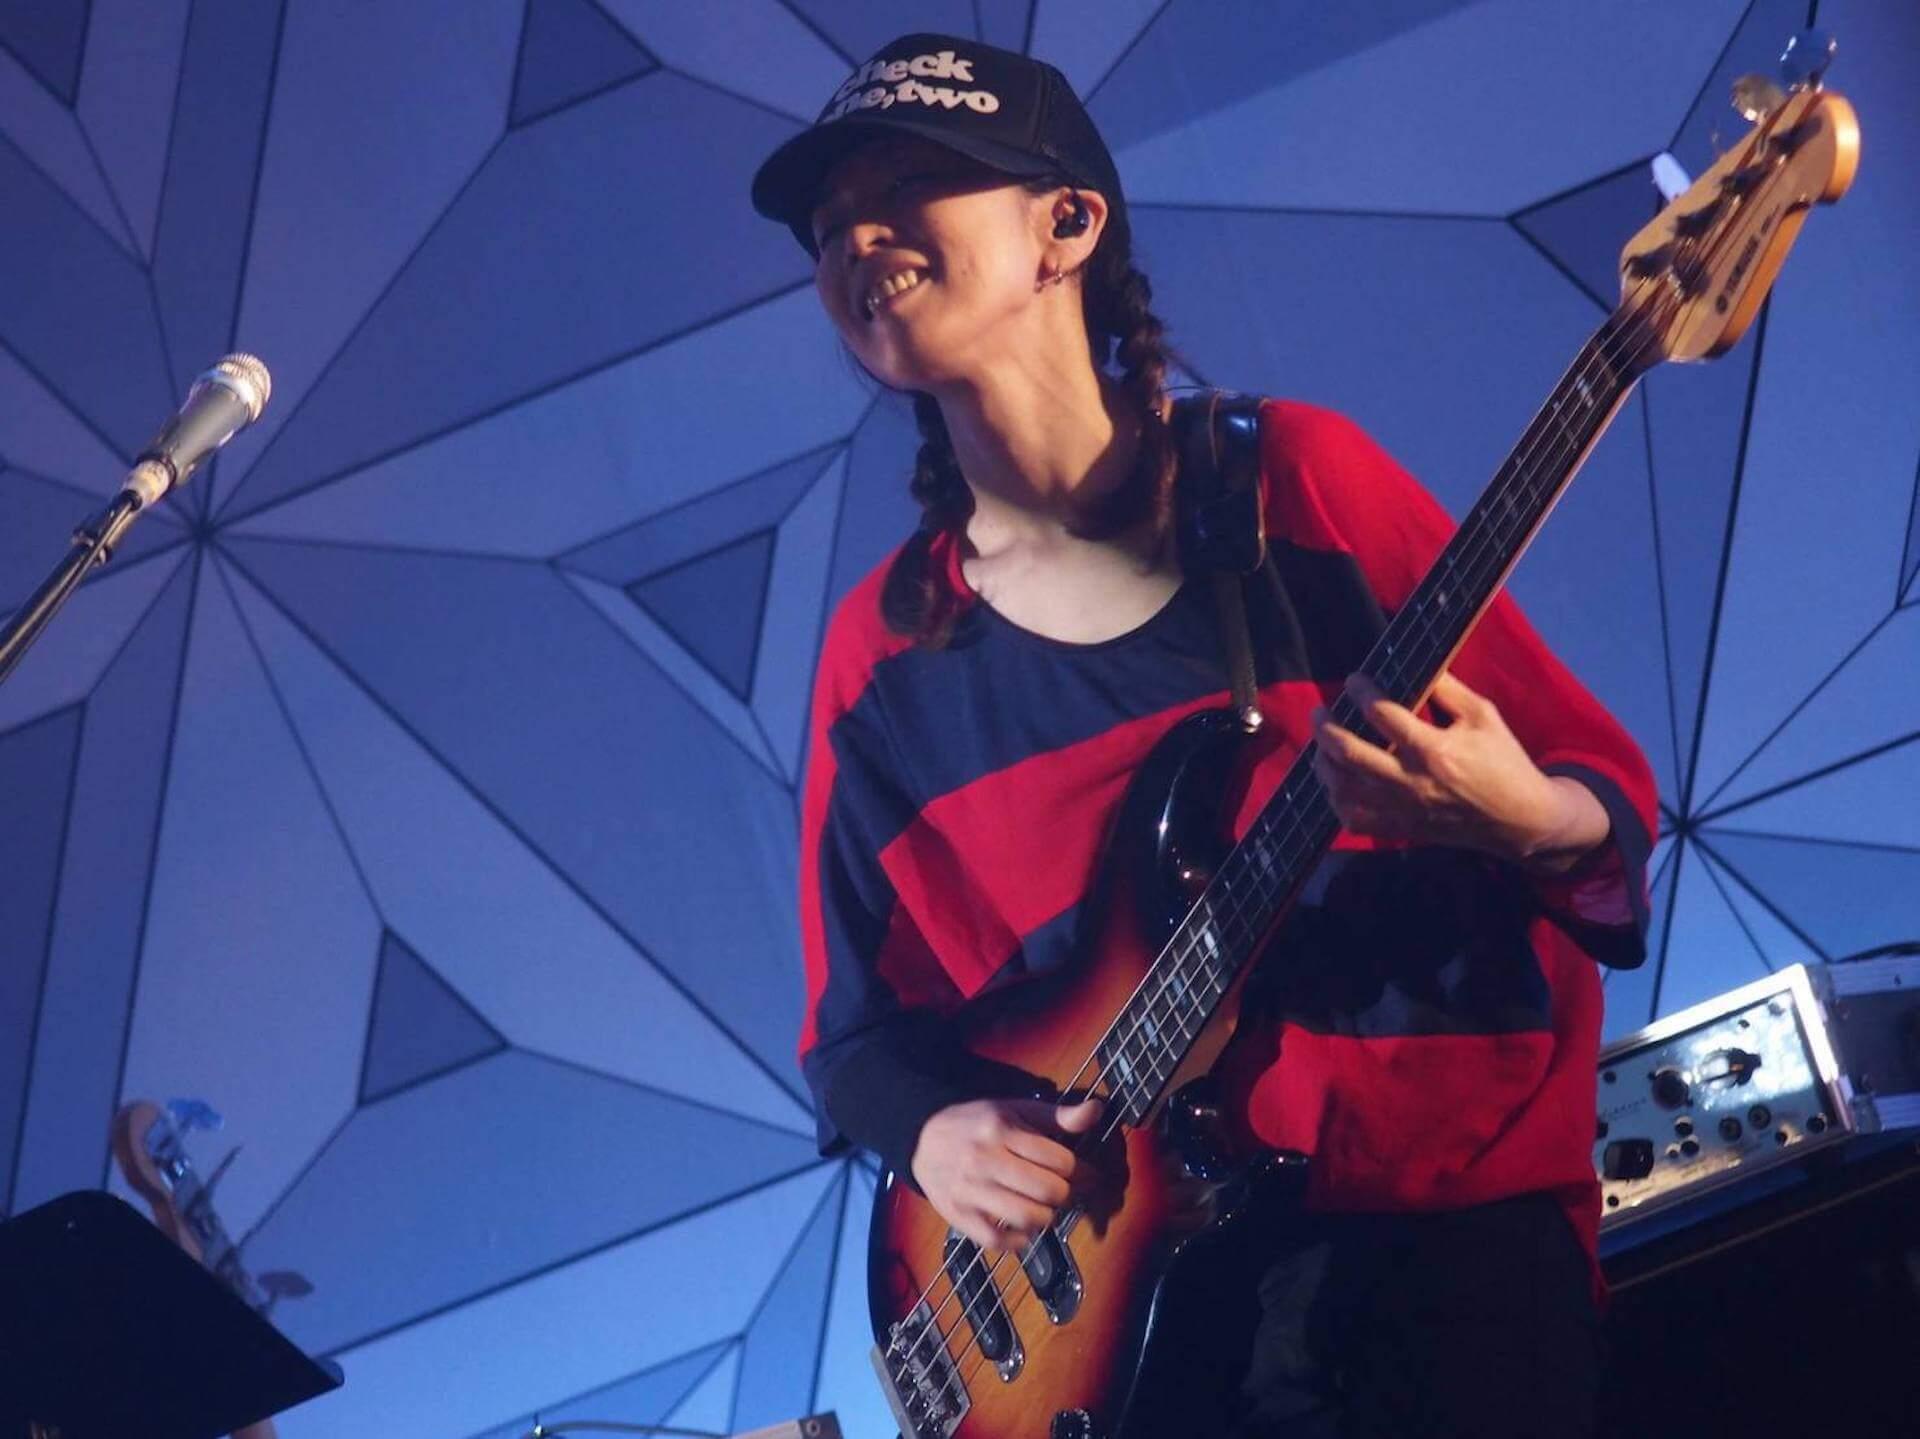 サンティアゴ・バスケスがディレクションする音楽イベント<True Colors BEATS>開催決定!YAKUSHIMA TREASUREらが出演 music191009_truecolorsbeat_14